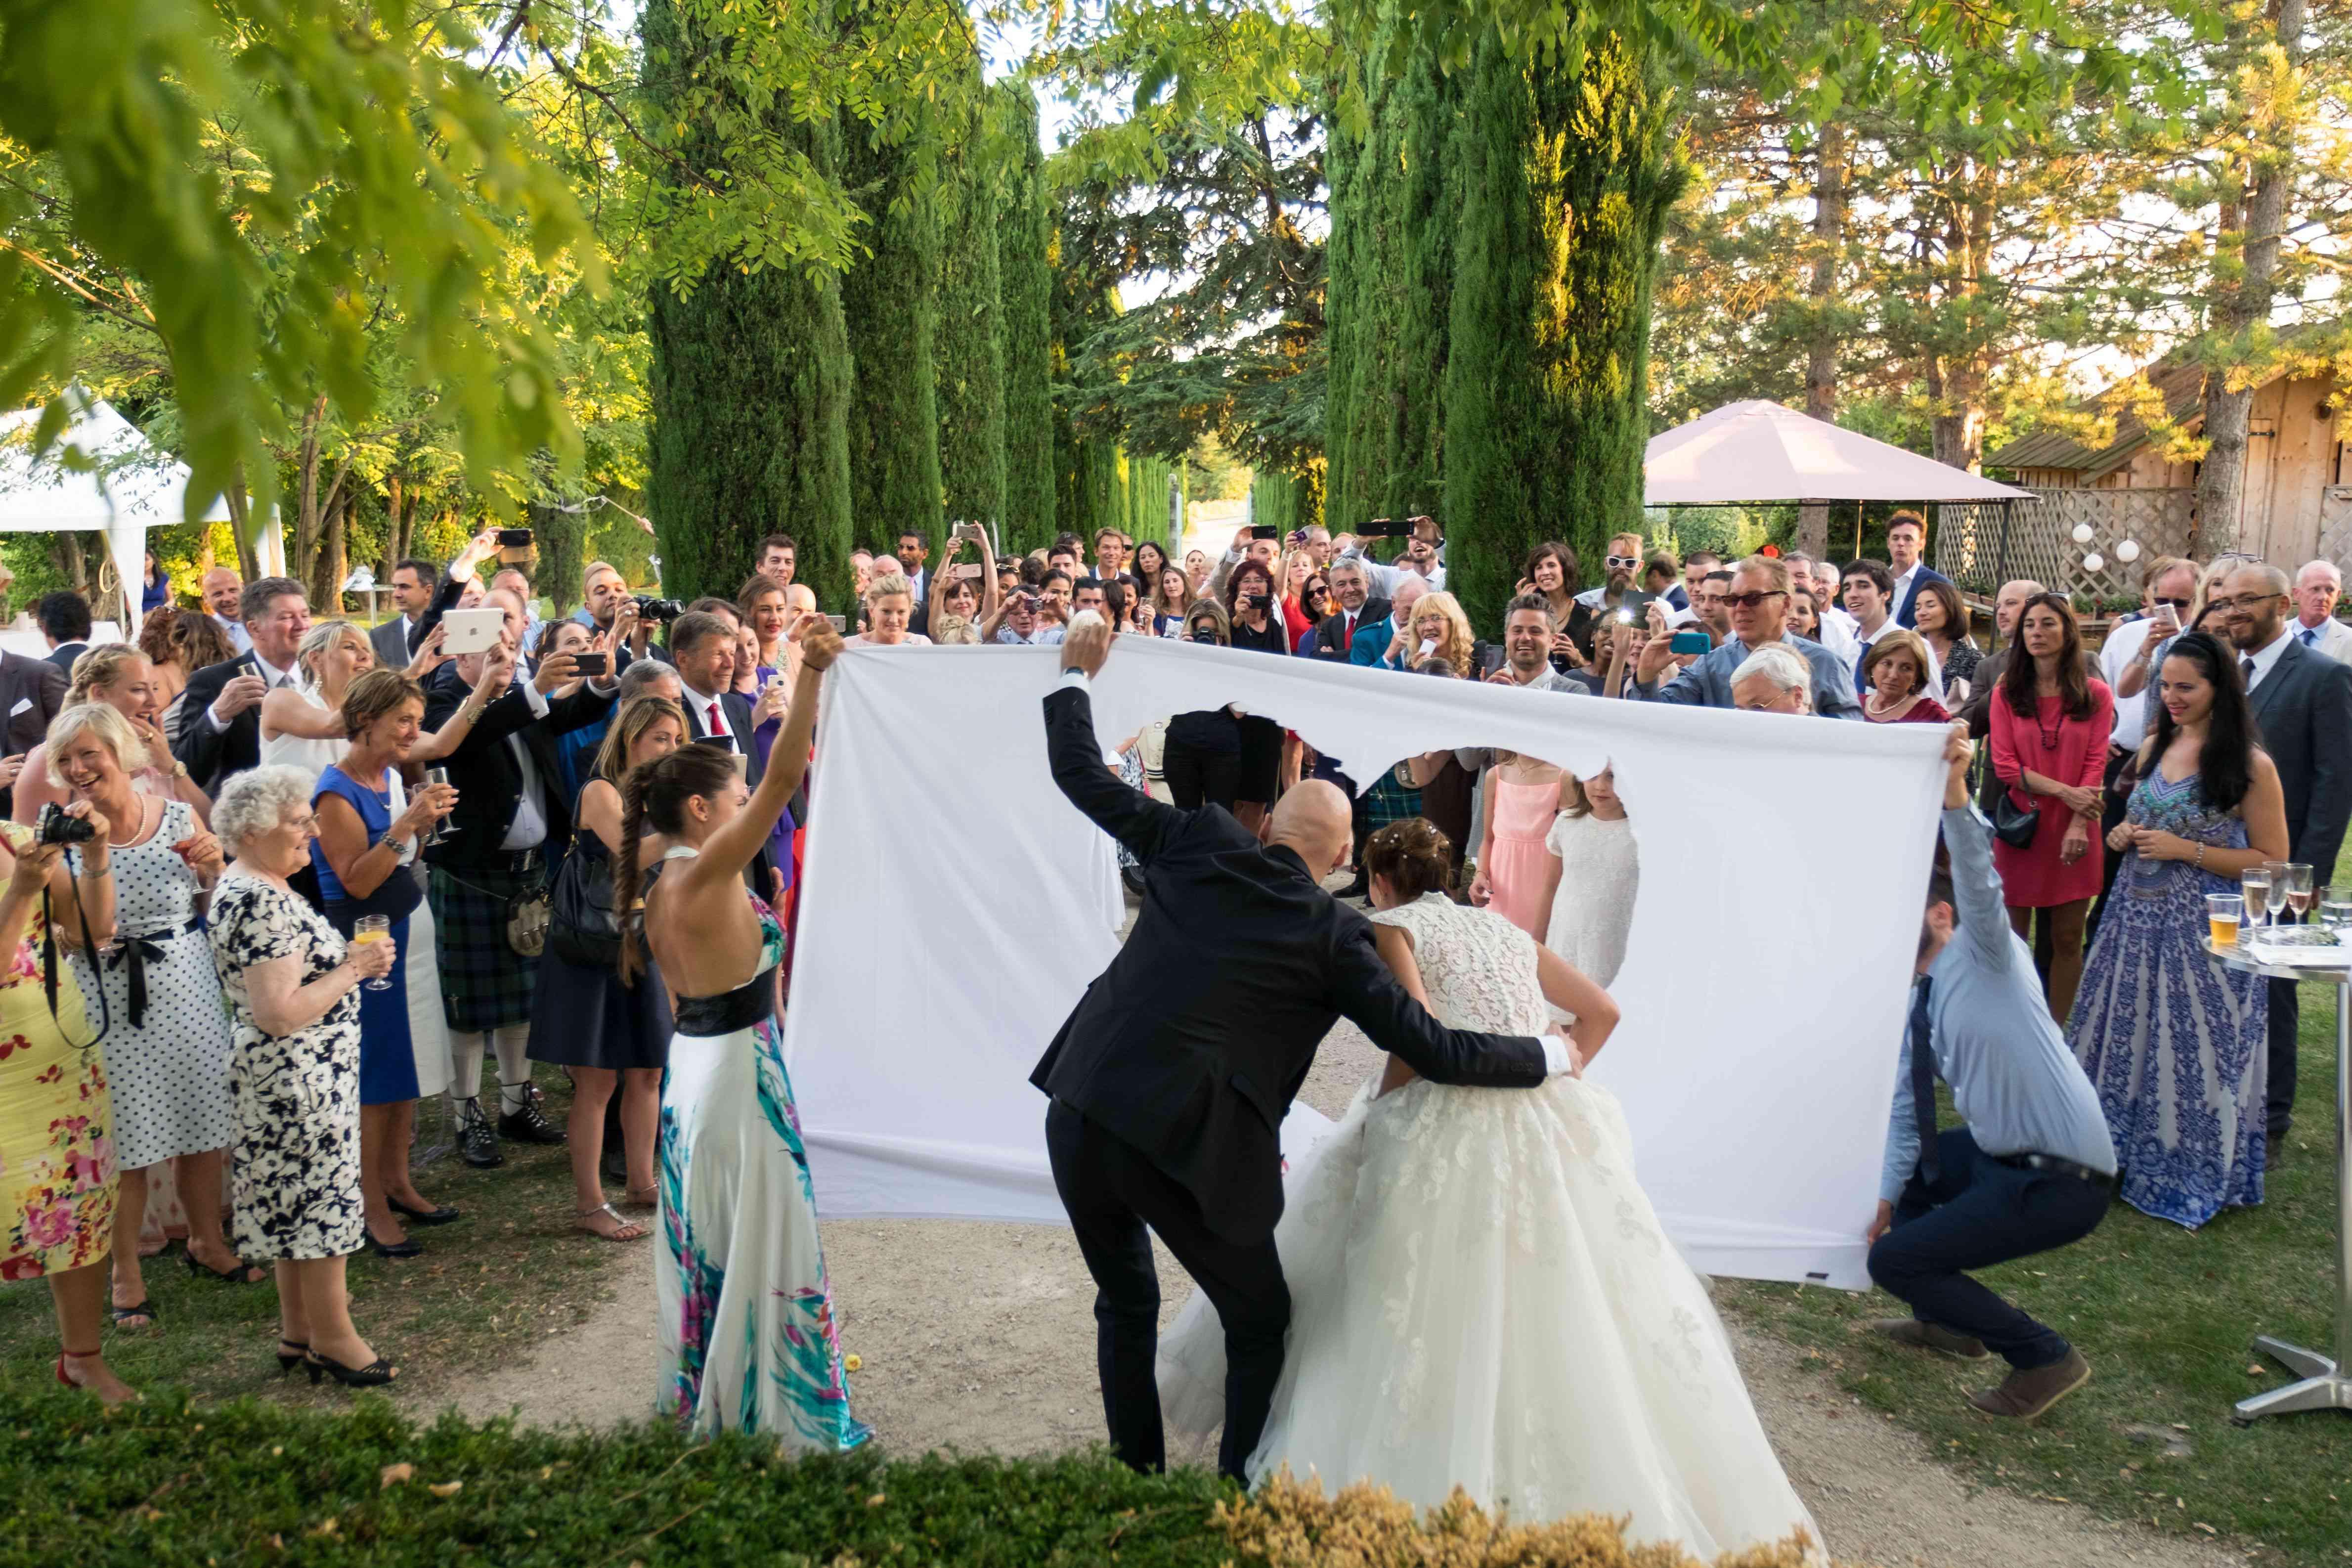 Newlyweds walking through white sheet